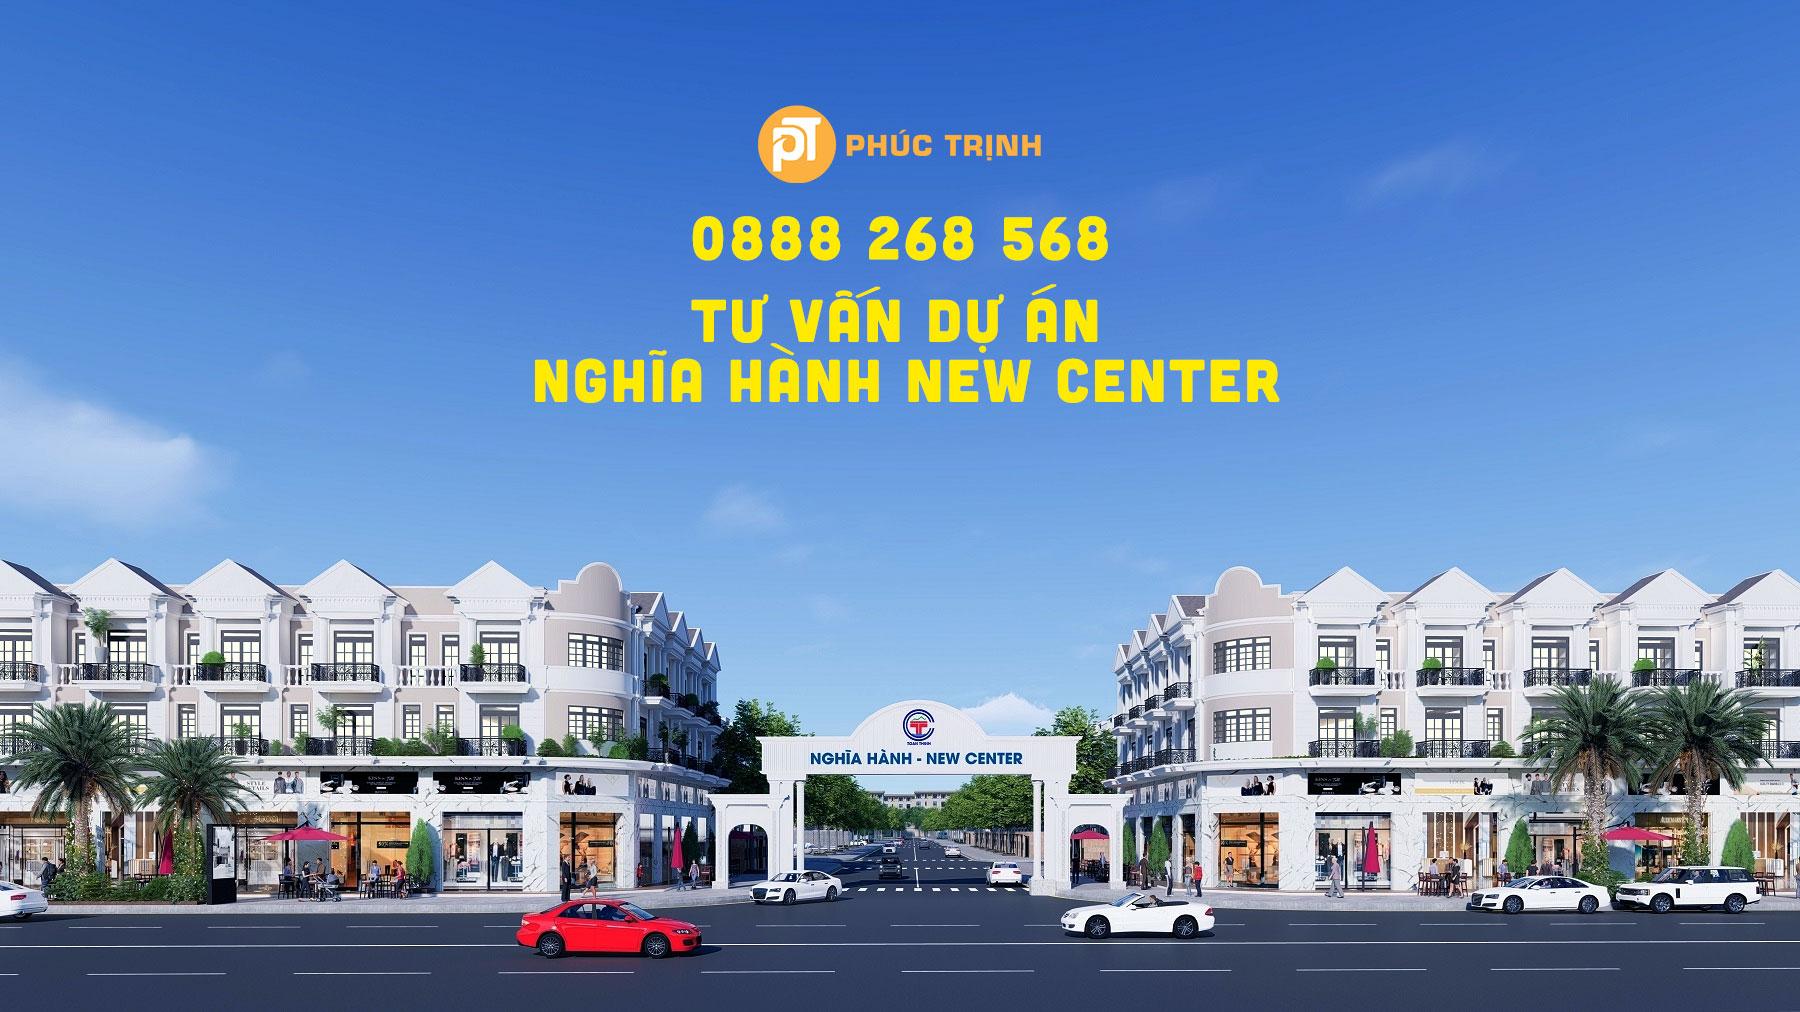 du-an-nghia-hanh-new-center